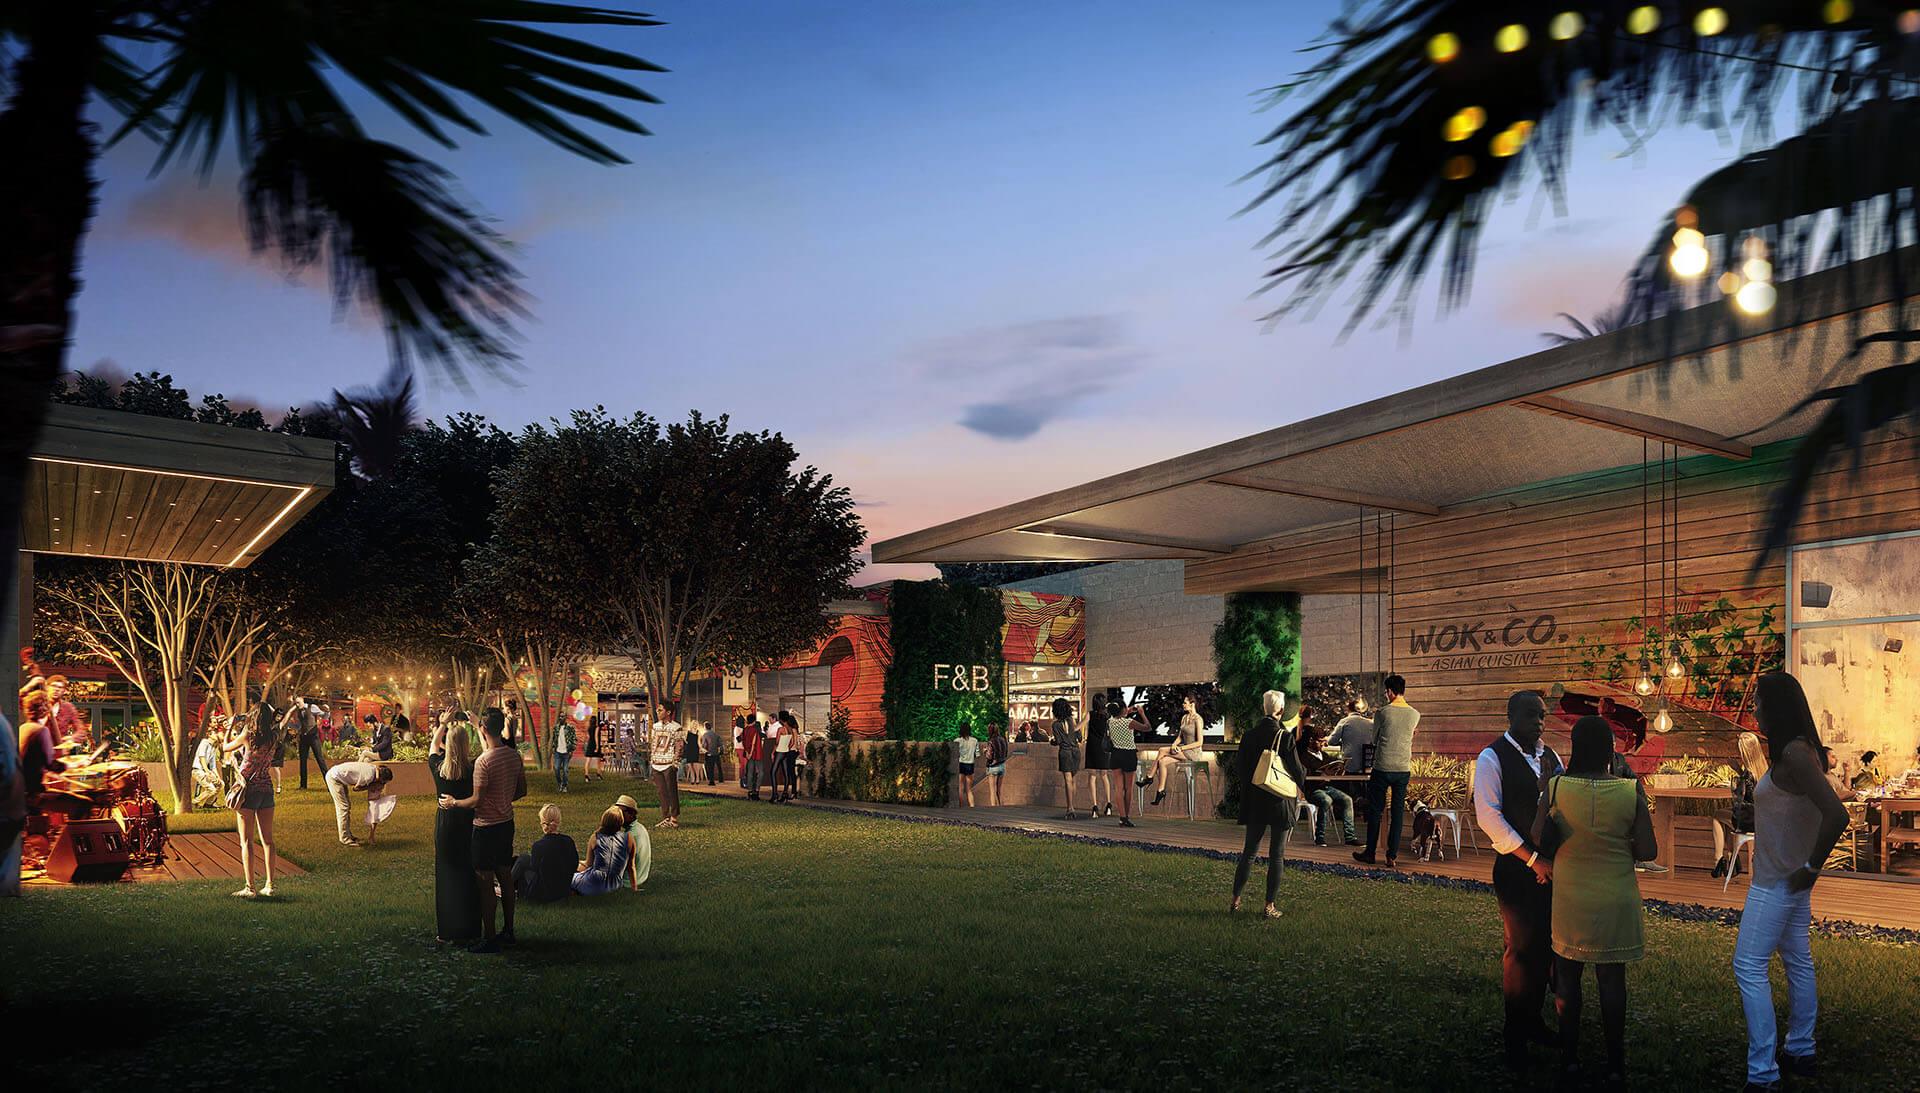 Sanders Studios_Metro1_Wynwood Park Rendering_Restaurant Park 02